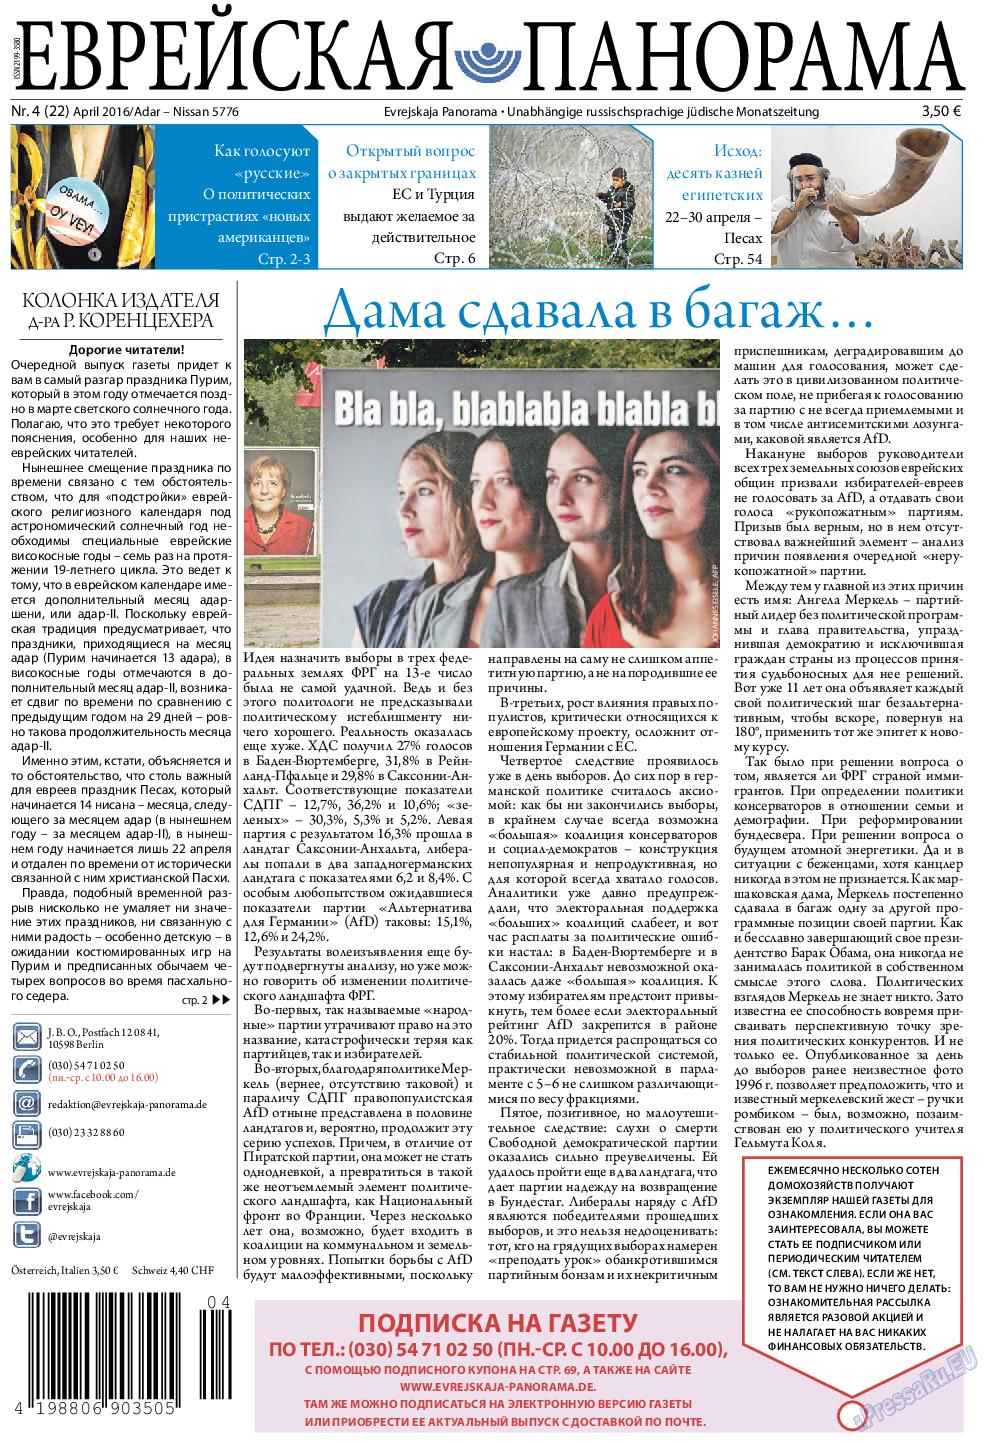 Еврейская панорама (газета). 2016 год, номер 4, стр. 1